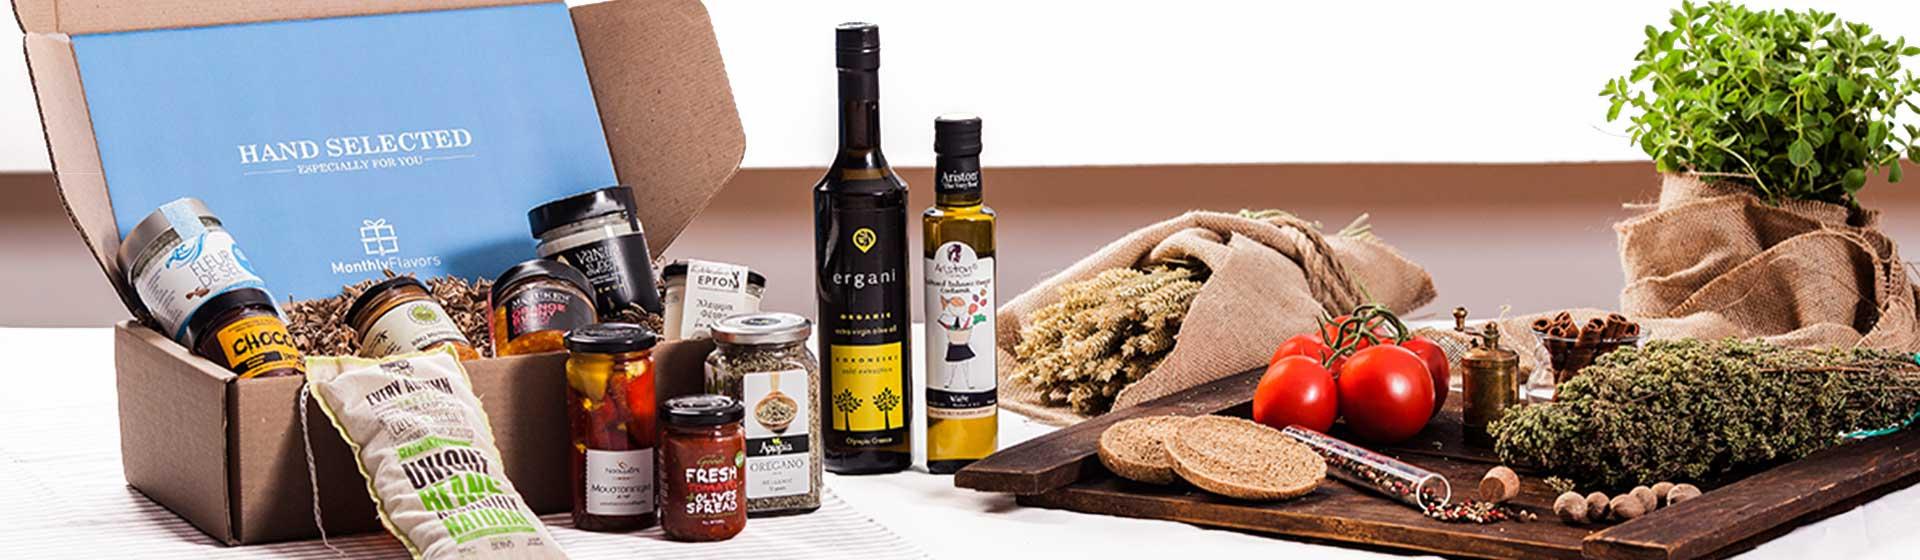 Greece in a box. Fleur de sel, orange marmalade, olive oil